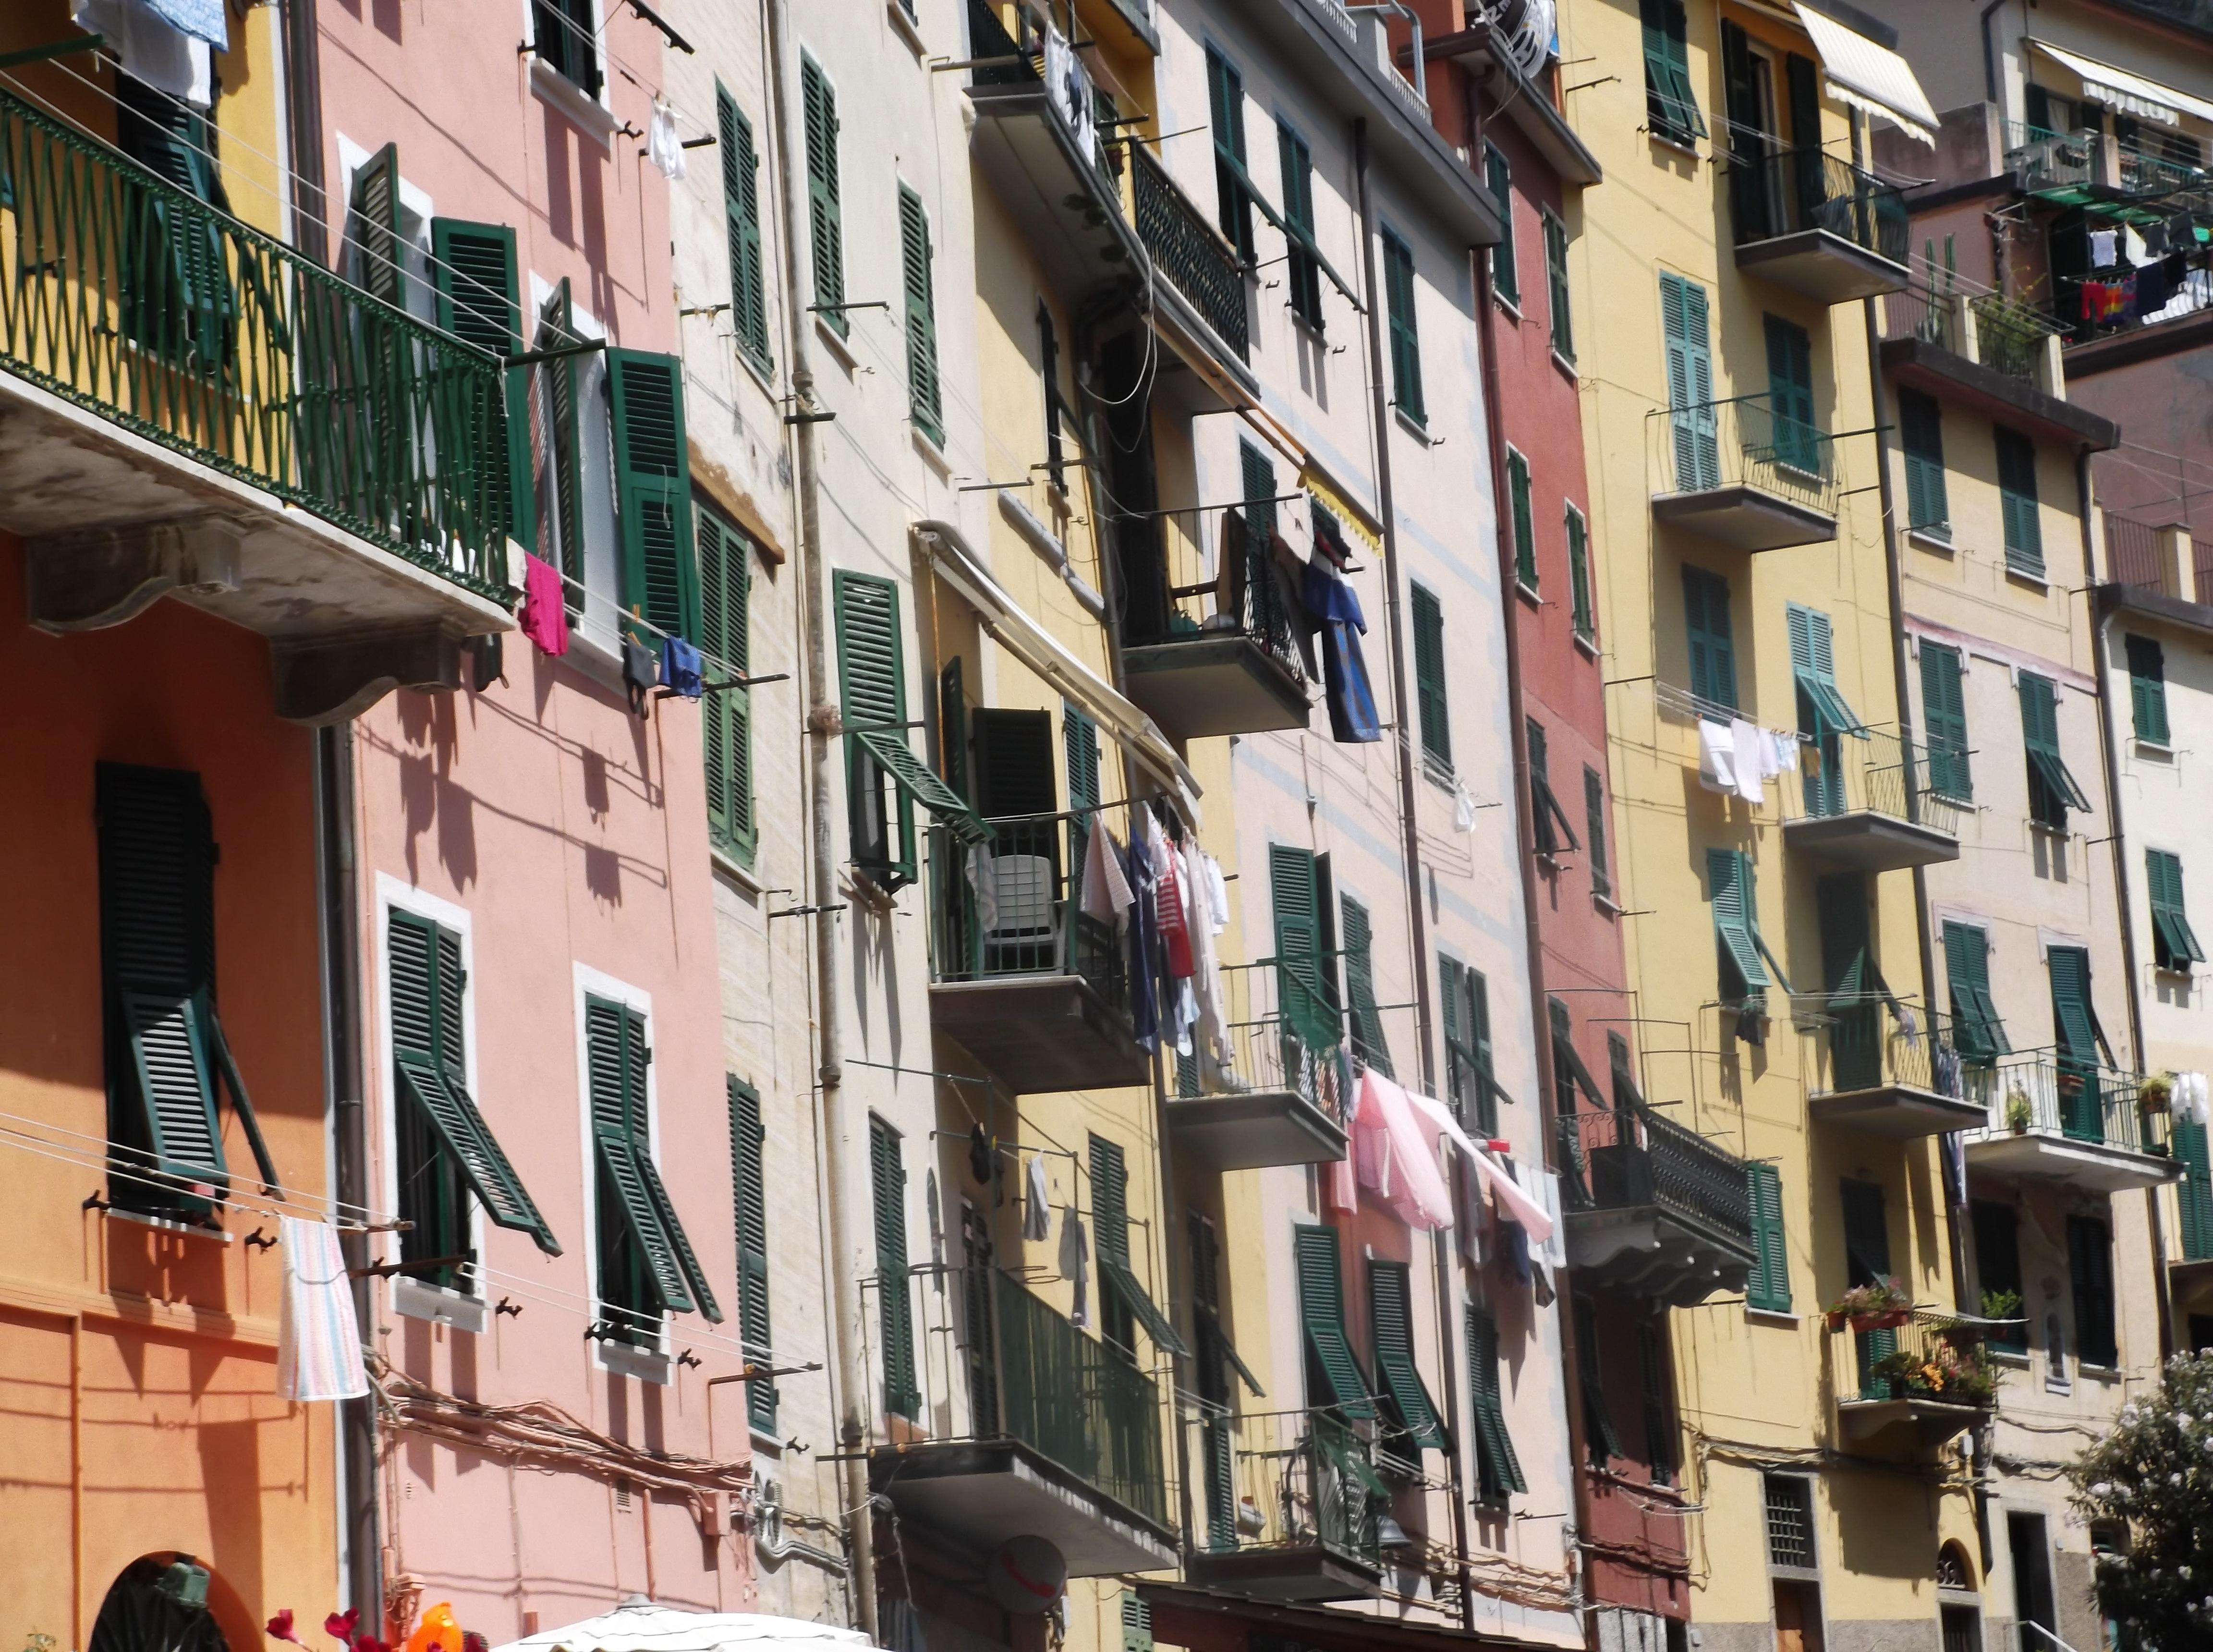 Maisons de Riomaggiore